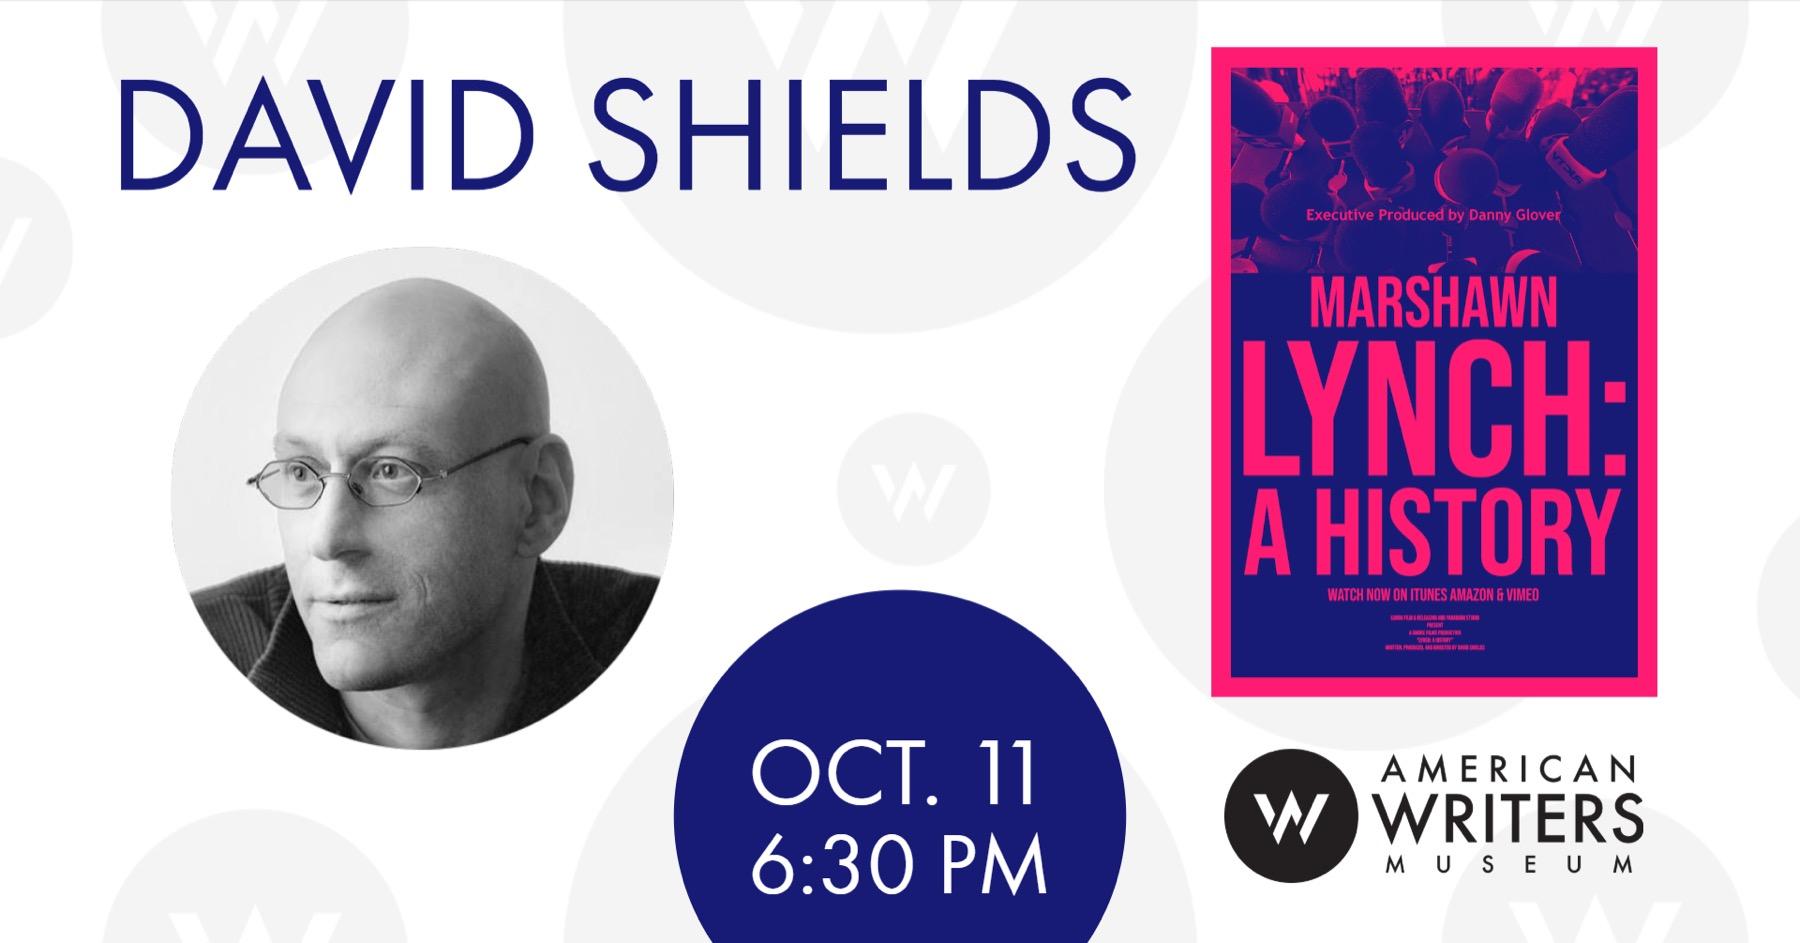 David Shields: Marshawn Lynch, A History